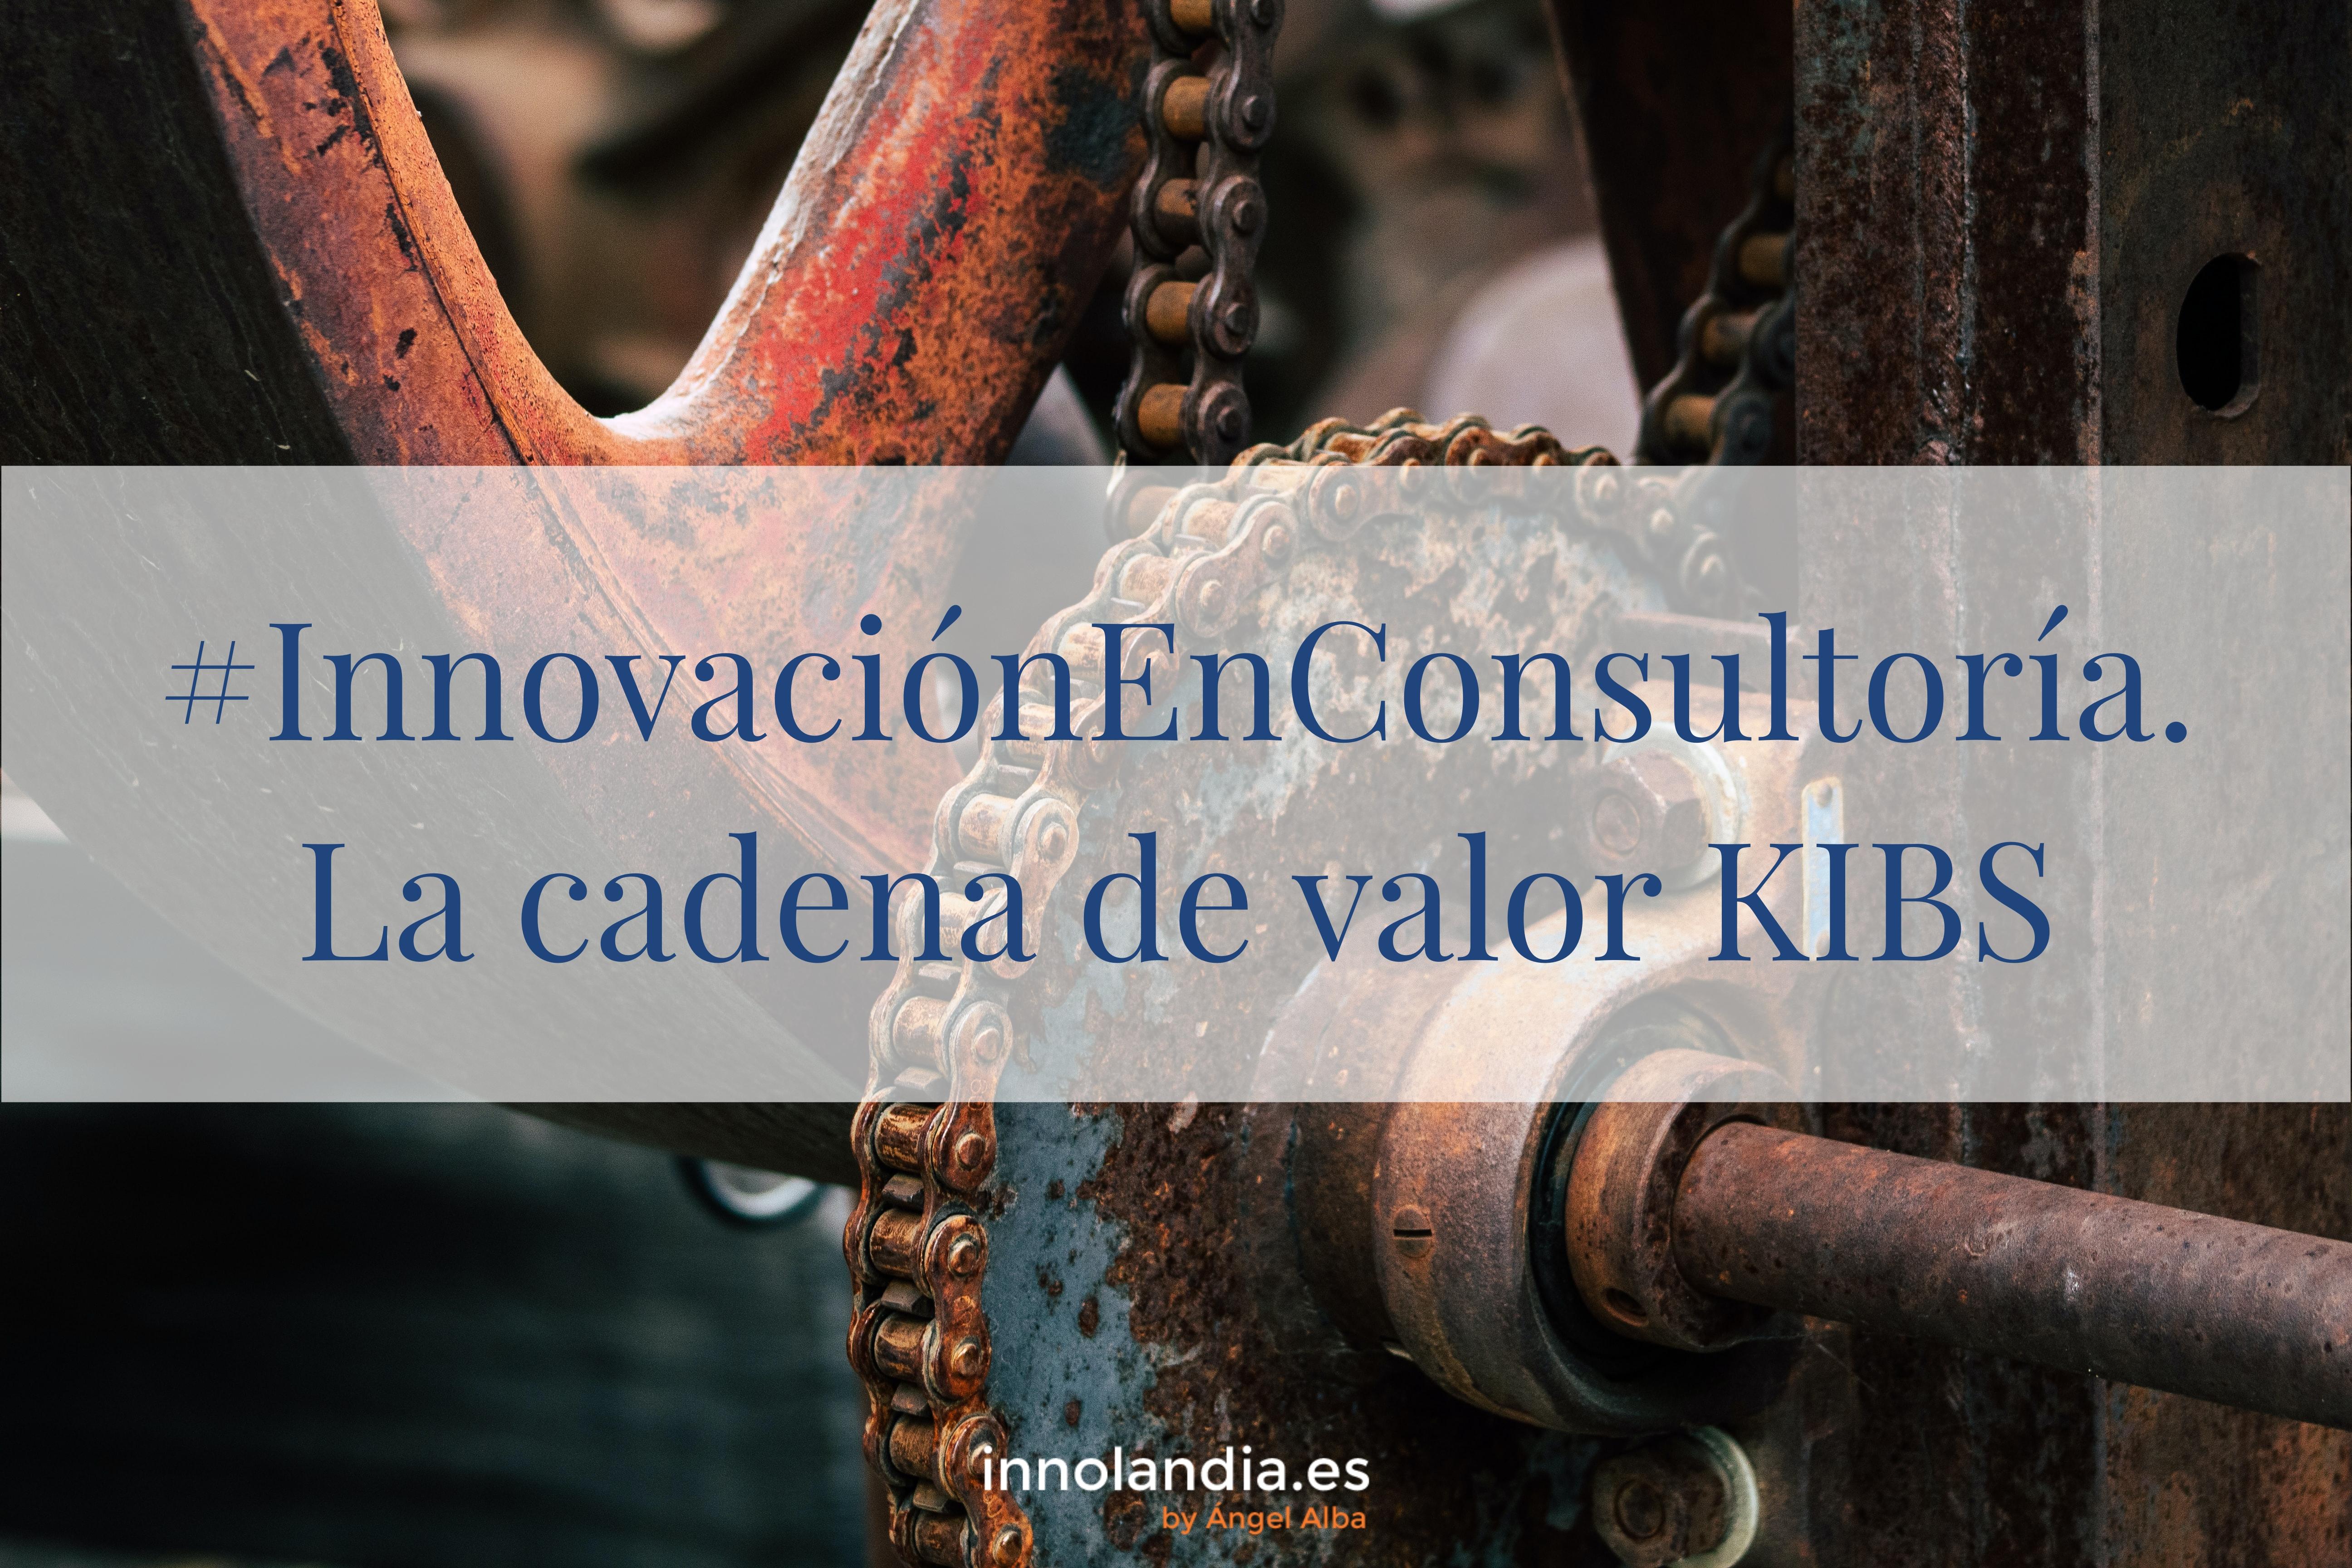 # InnovaciónEnConsultoría. La cadena de valor KIBS